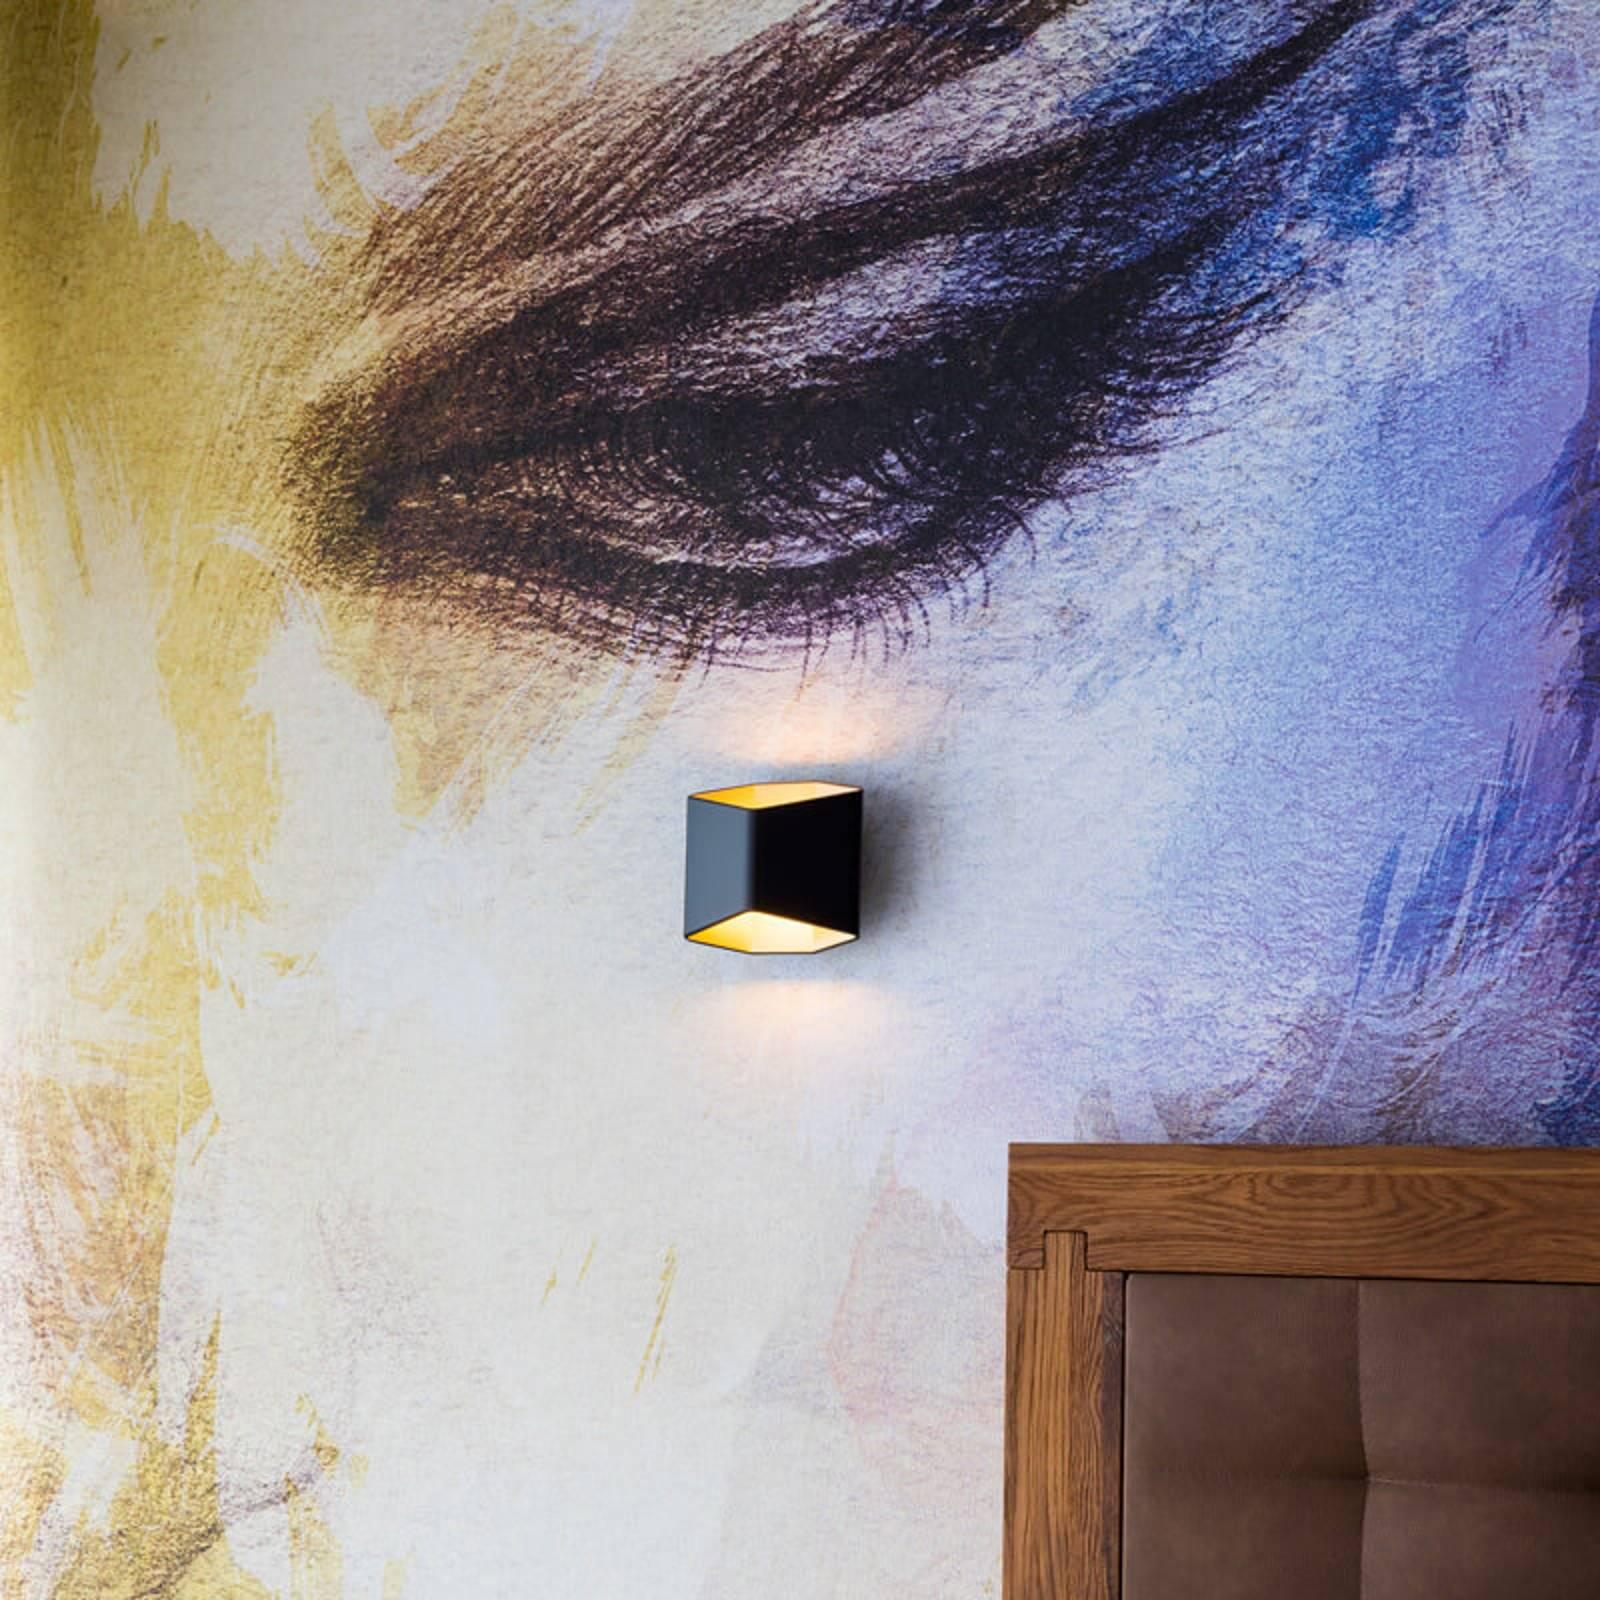 Erikoinen LED-seinävalaisin Cariso